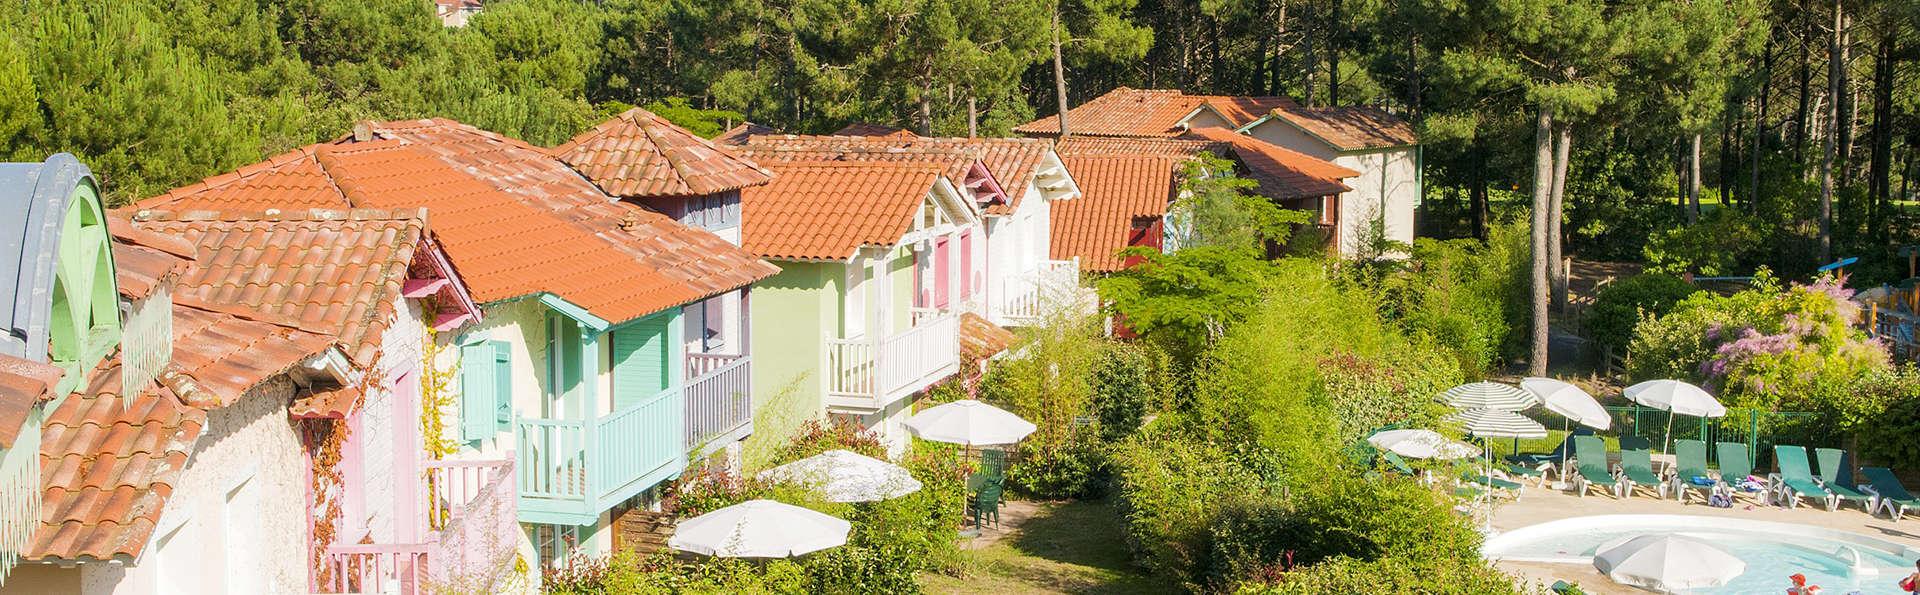 Pierre et Vacances Village Club Lacanau - Edit_Ext2.jpg